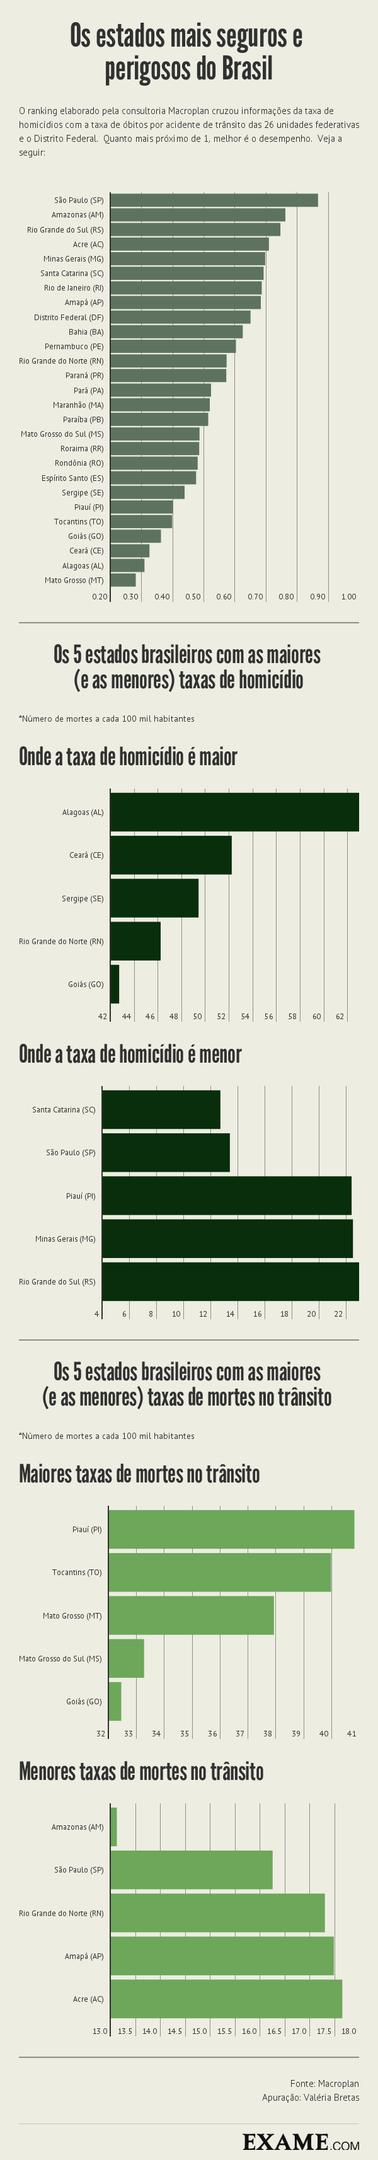 Infográfico com dados dos estados mais perigosos do Brasil